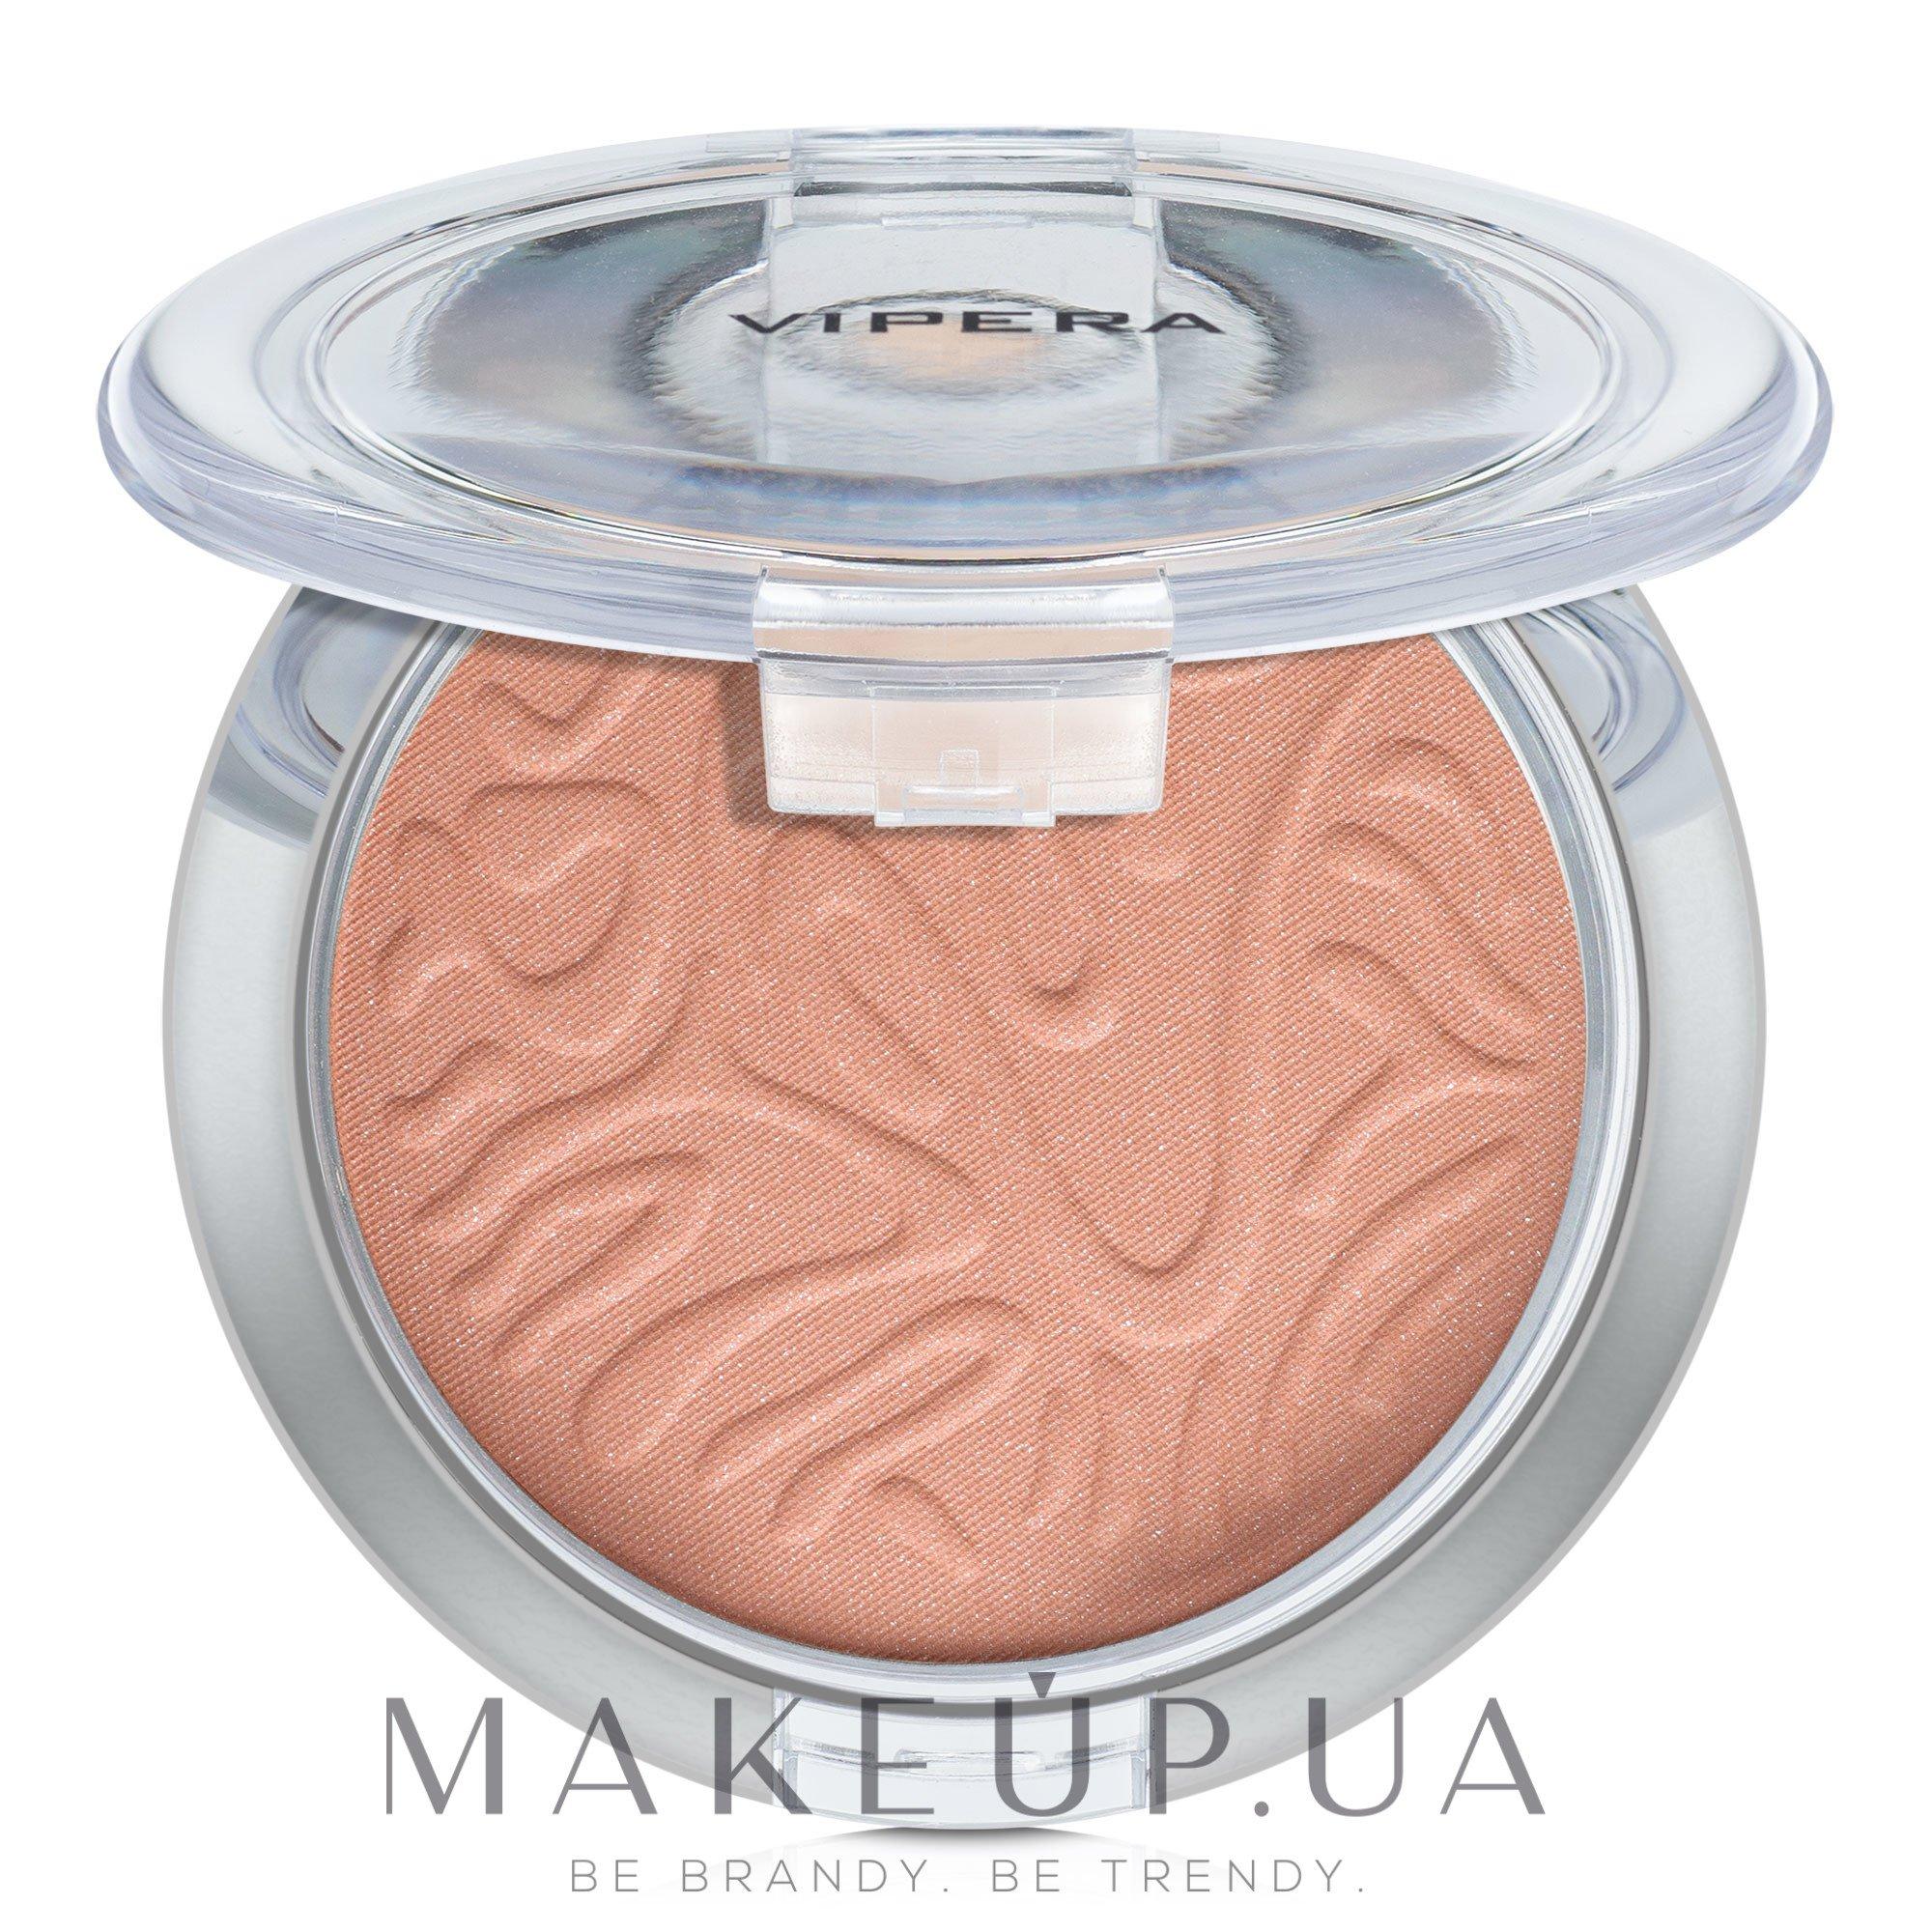 Пудра для любого типа кожи - Vipera Fashion Powder — фото 502 - Light Bronzing